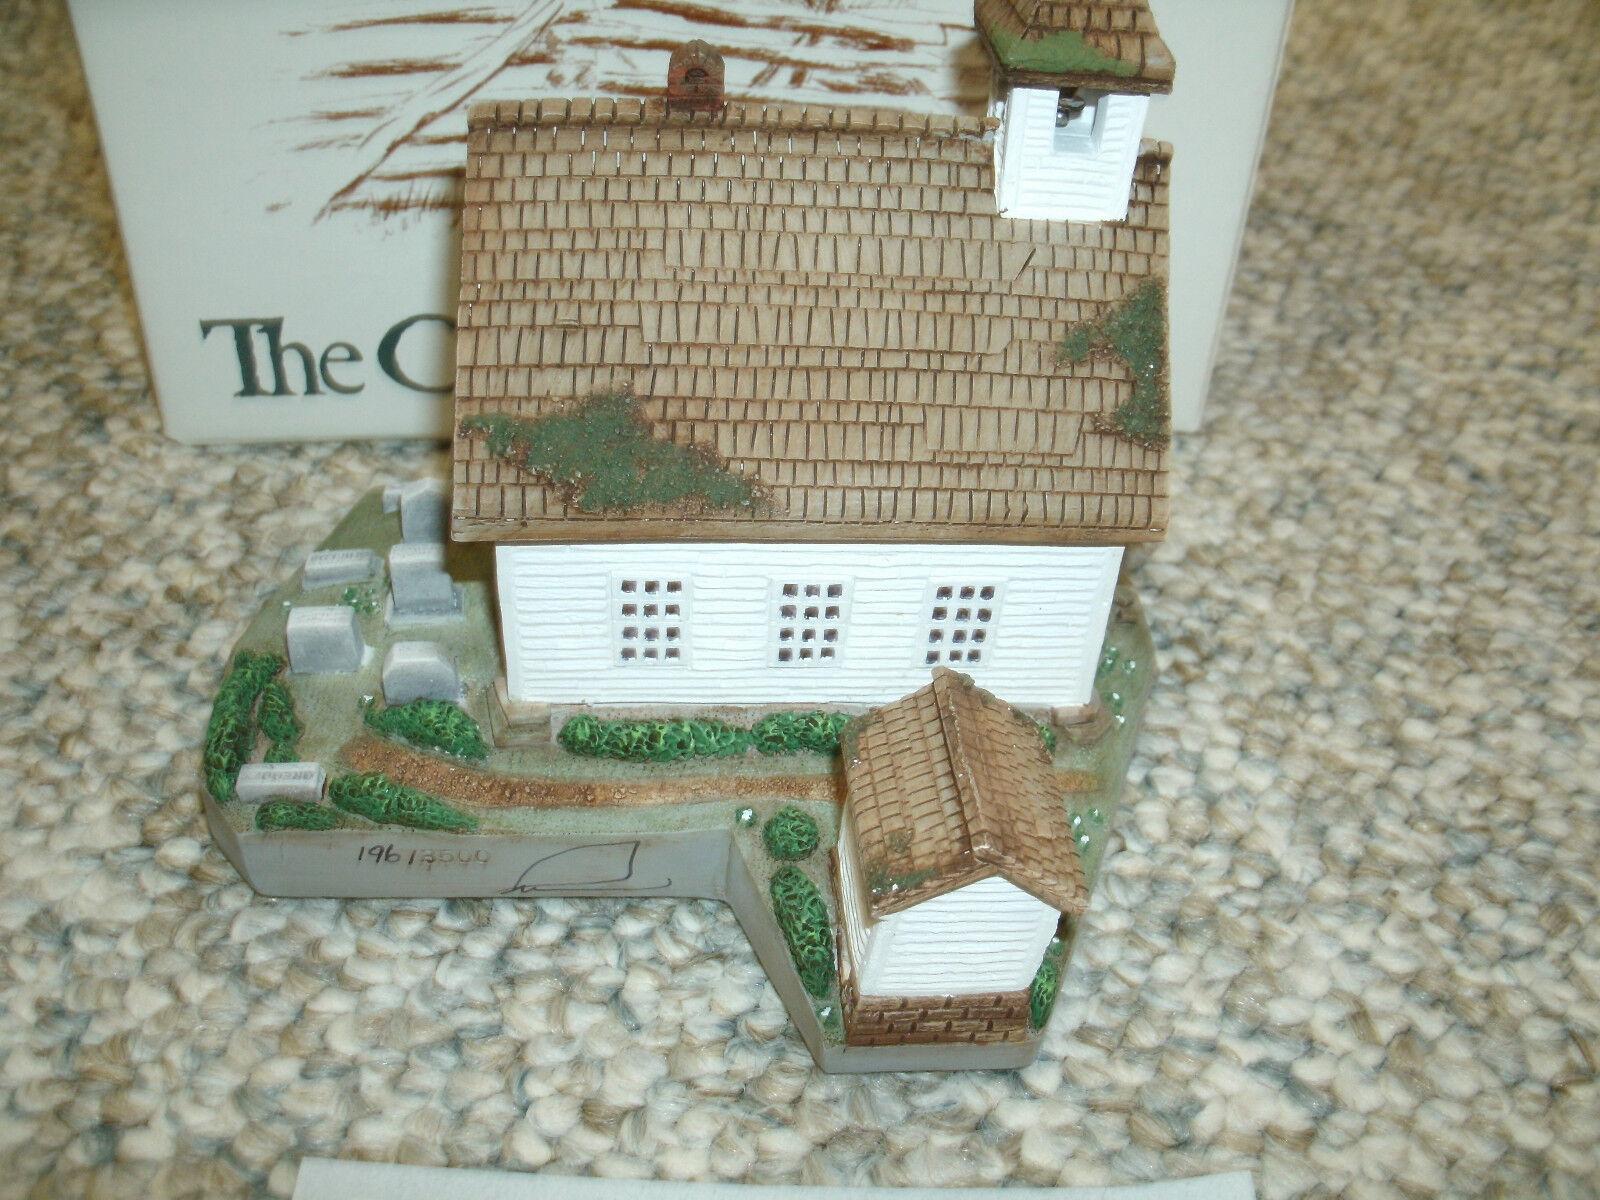 ¡Catedrales baptistas de la serie Kid Bay - - - National Heritage - caja de Cocheamelos de menta  ecc